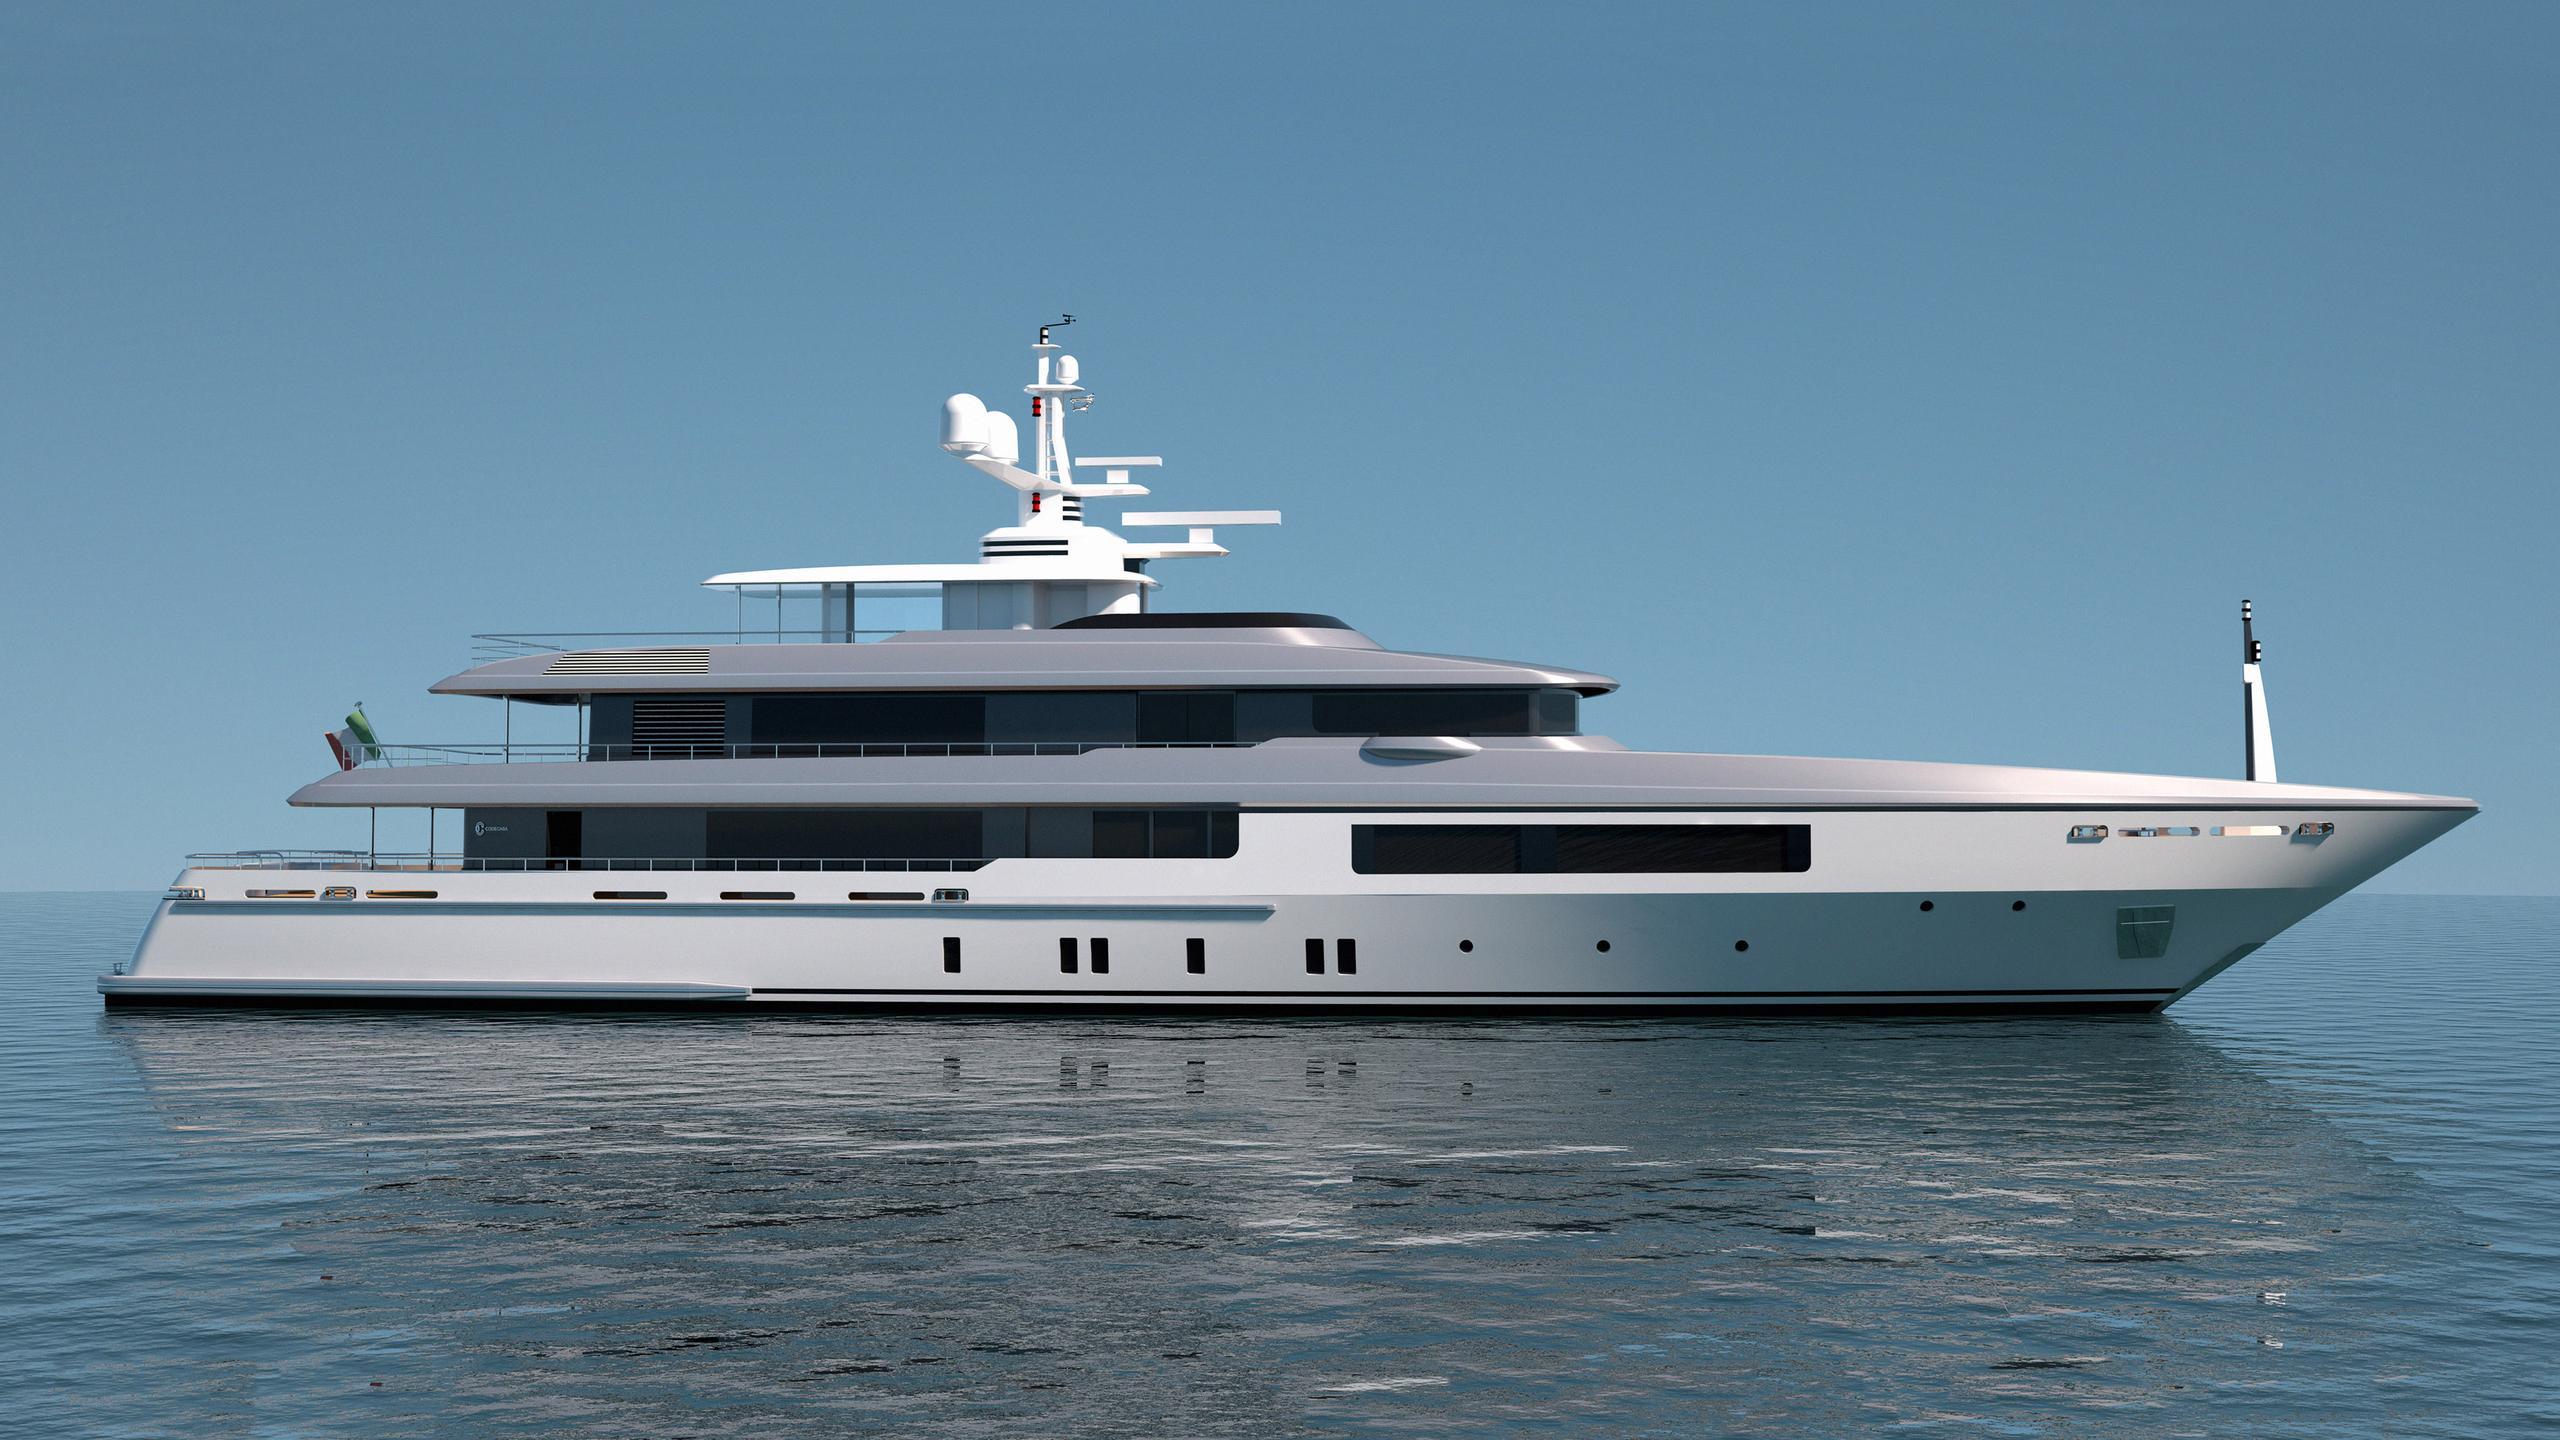 c133 motoryacht codecasa 55m 2020 rendering